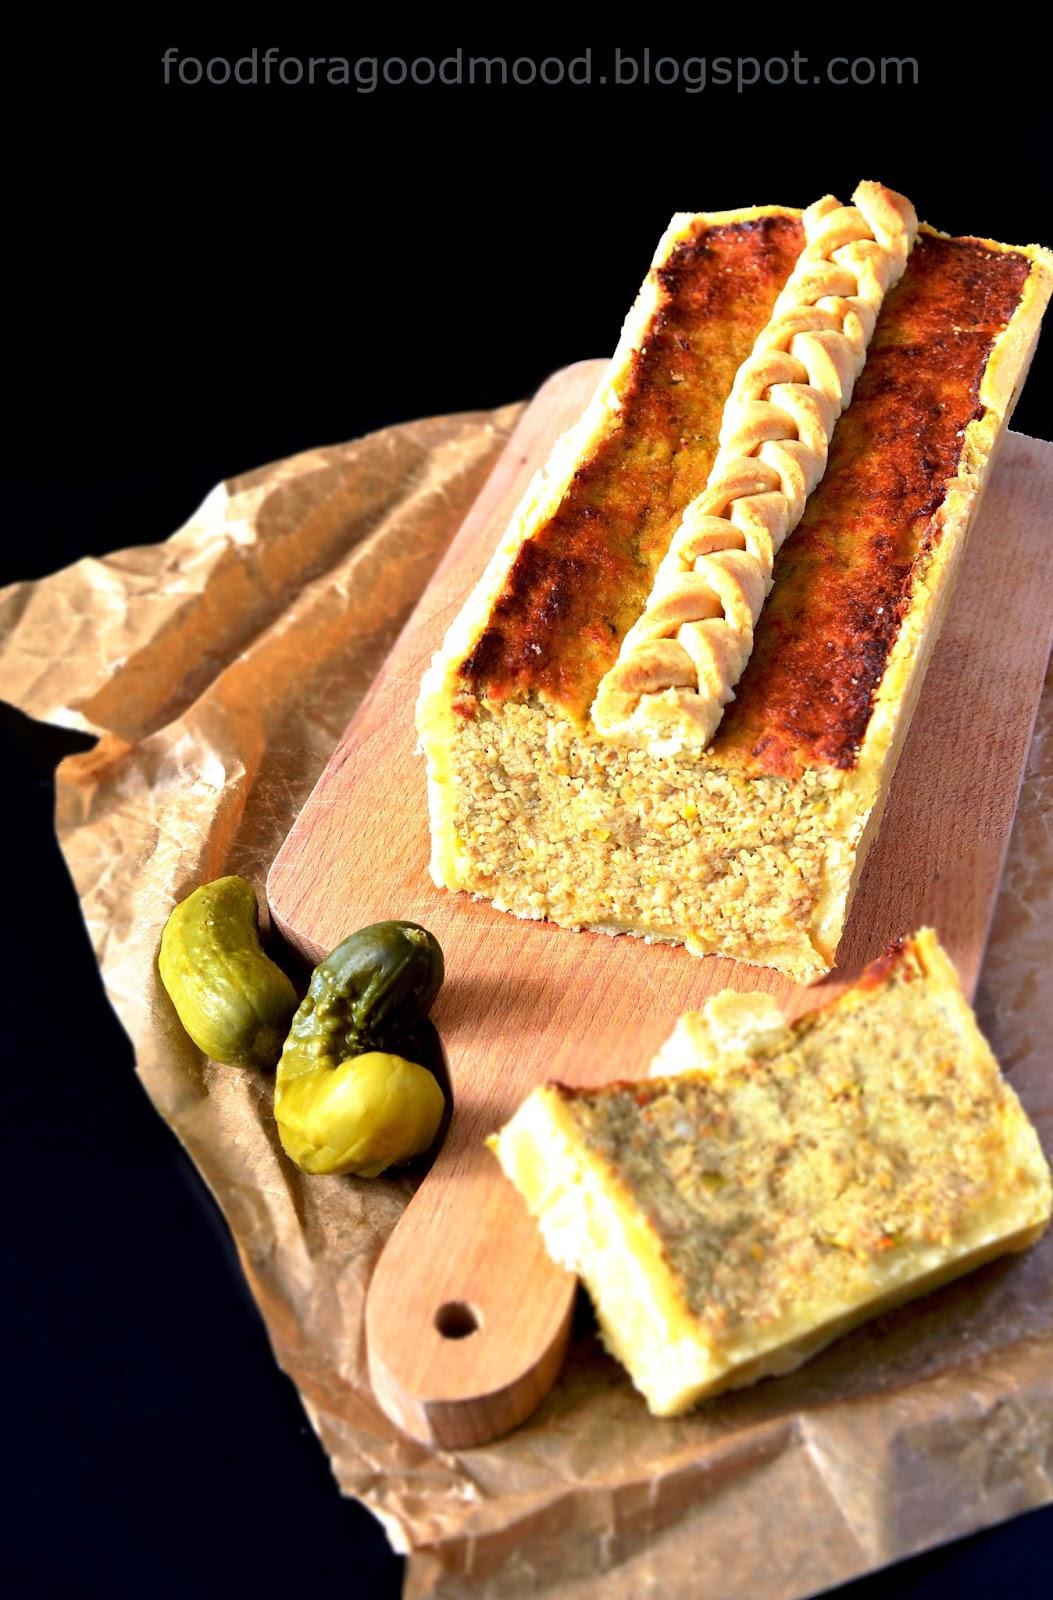 """Swojski, domowy pasztet. Przygotowany z drobiu, z dodatkiem wieprzowiny. Wewnątrz sowicie doprawiony gałką muszkatołową, a na zewnątrz otulony kruchym, delikatnym ciastem. Kwintesencja dobrego polskiego smaku. Pretendent do tutułu """"Króla stołu"""". Nie tylko w Wielkanoc..."""